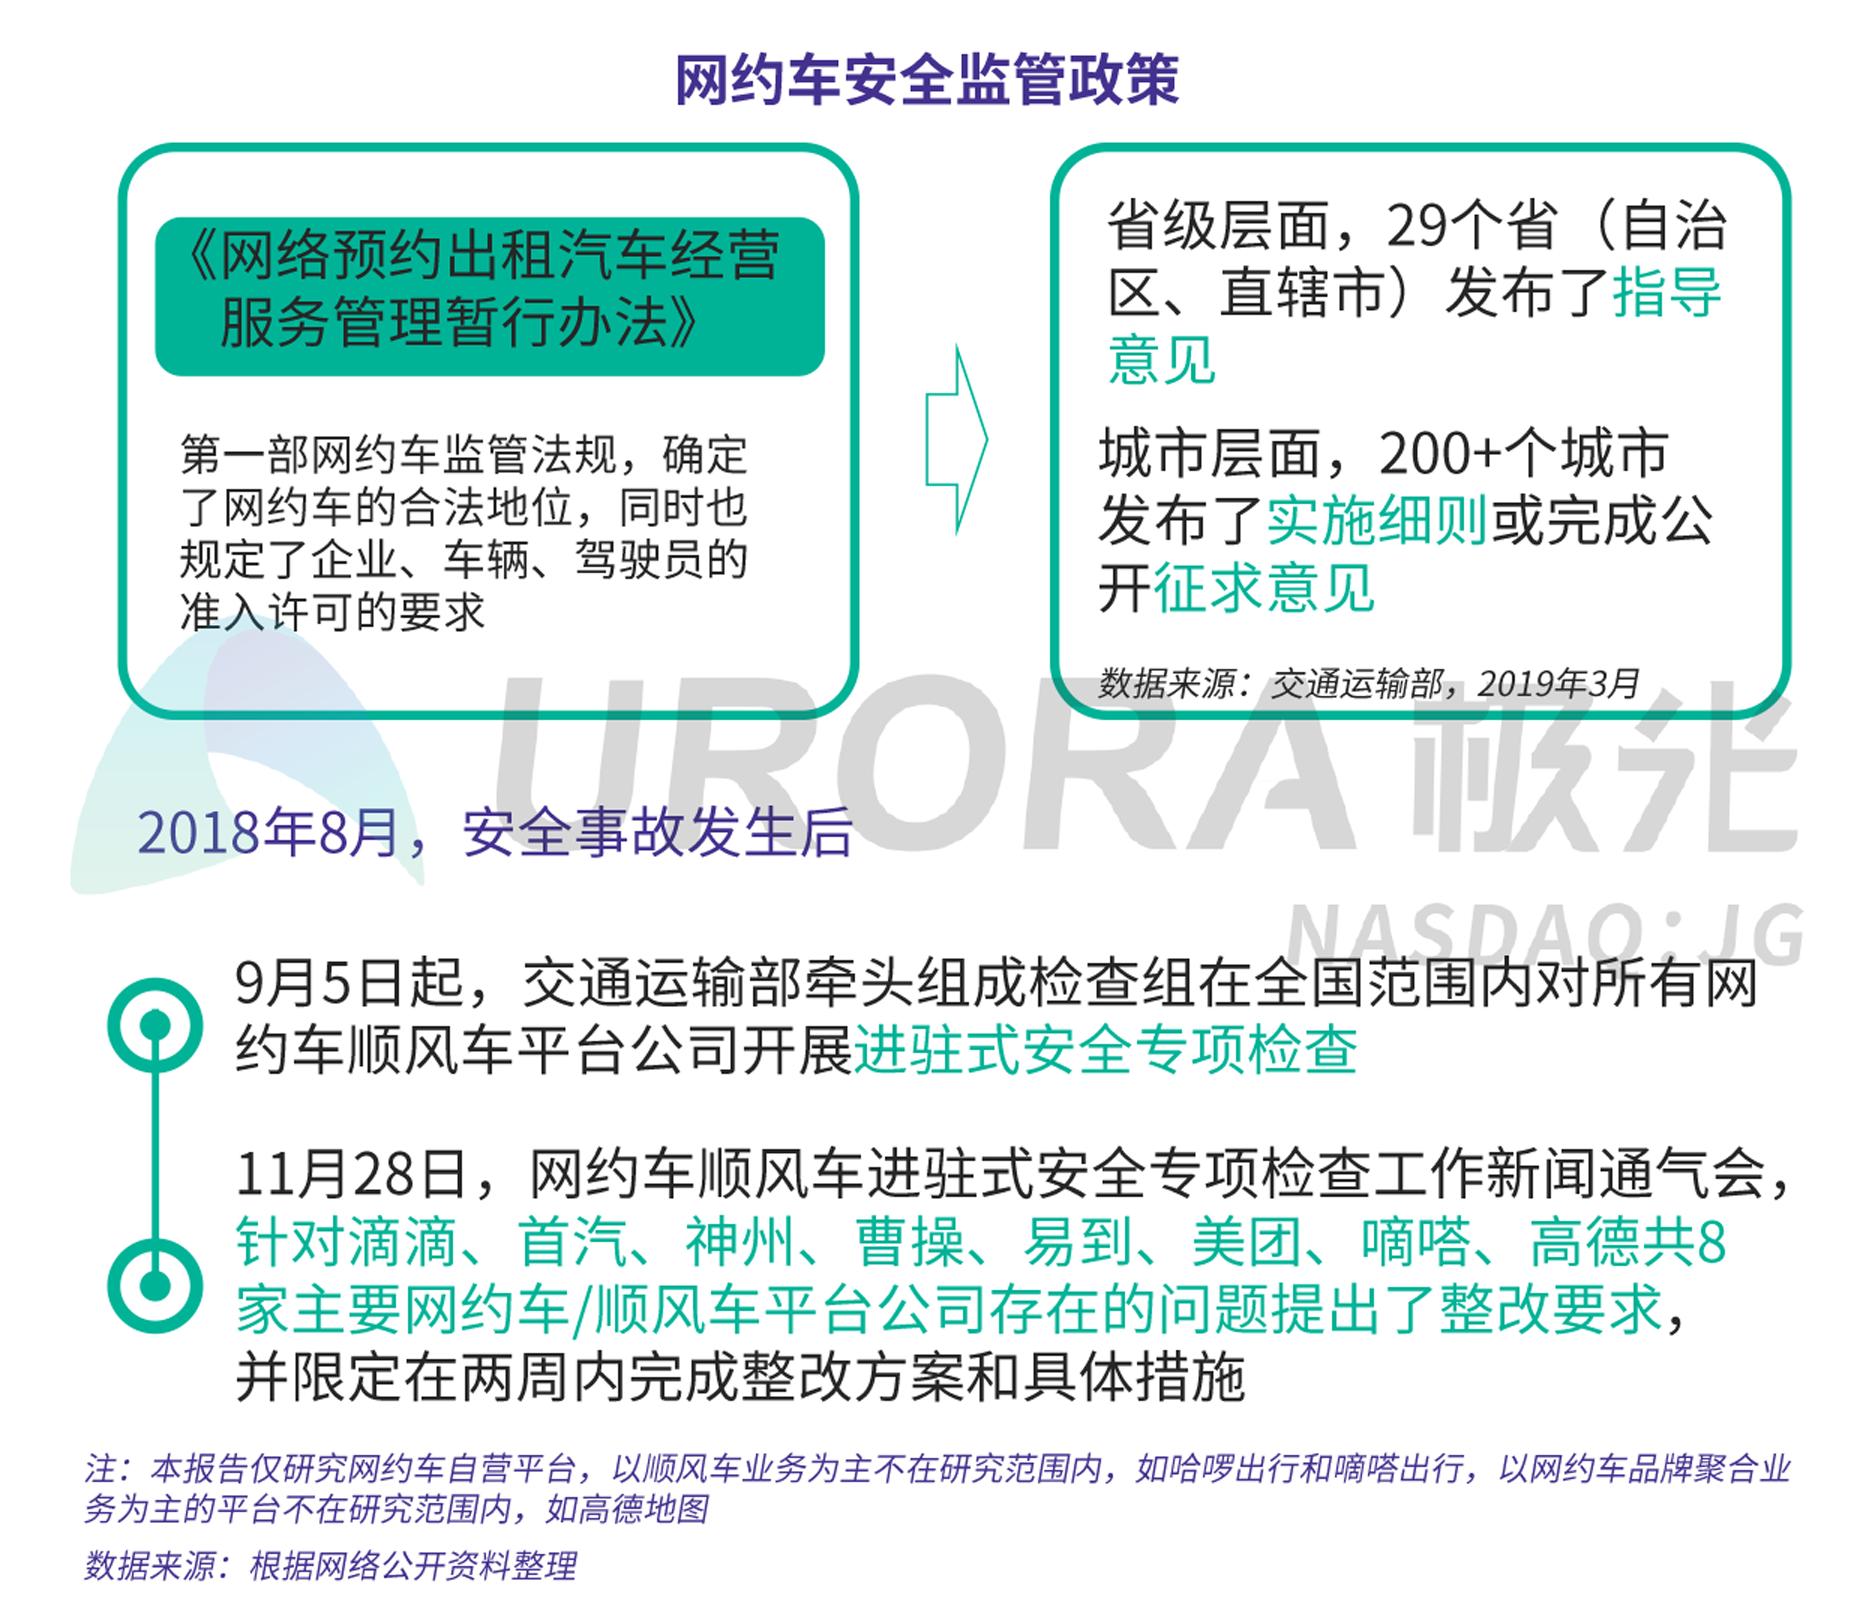 JIGUANG-网约车出行安全用户信心研究-新版-V4-4.png